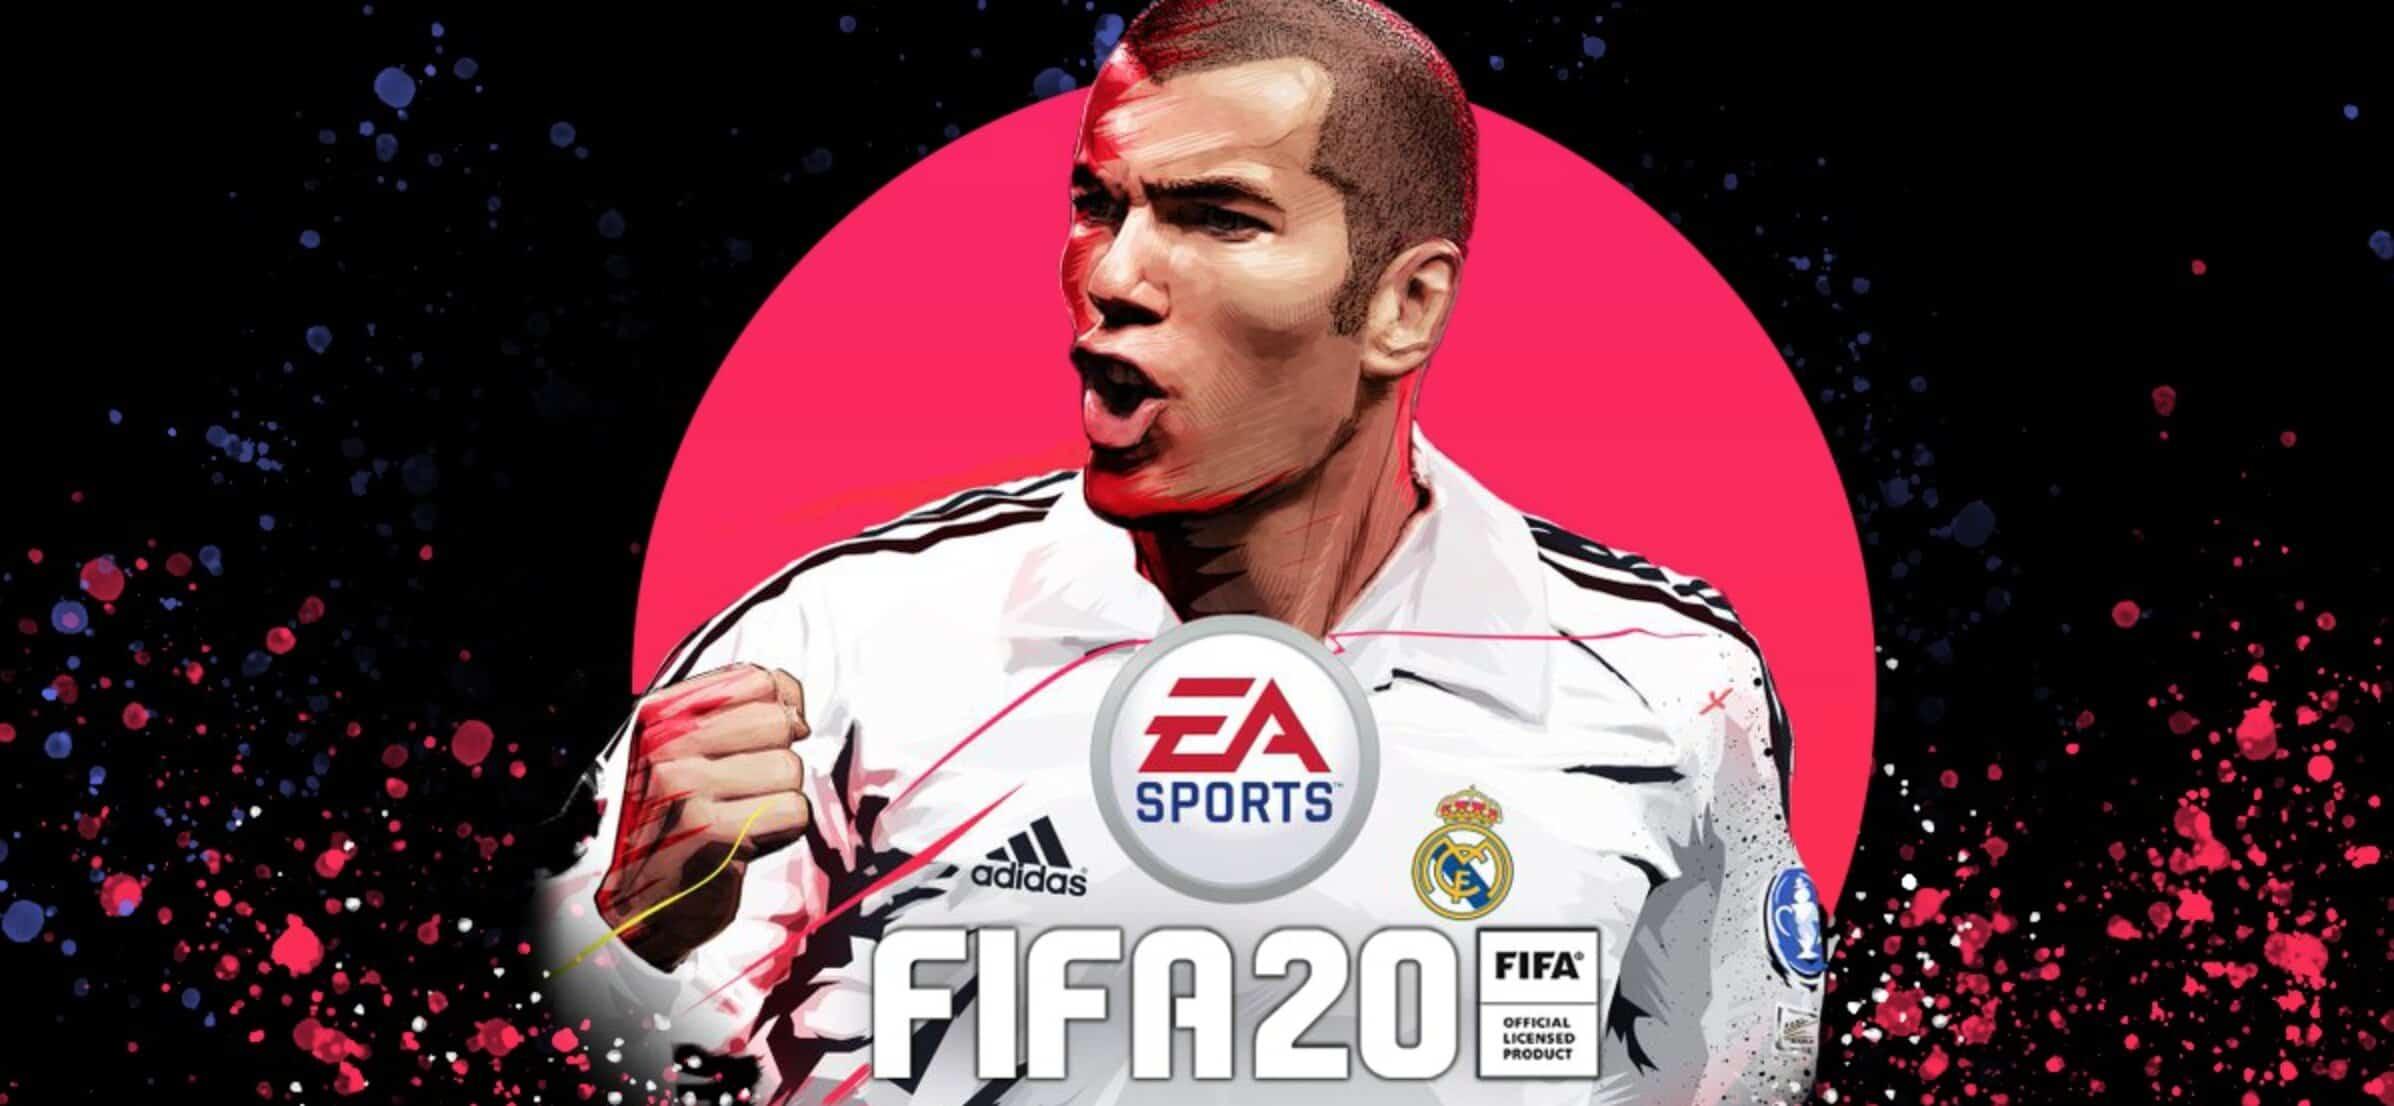 Les nouveautés de Fifa Ultimate Team sur Fifa 20